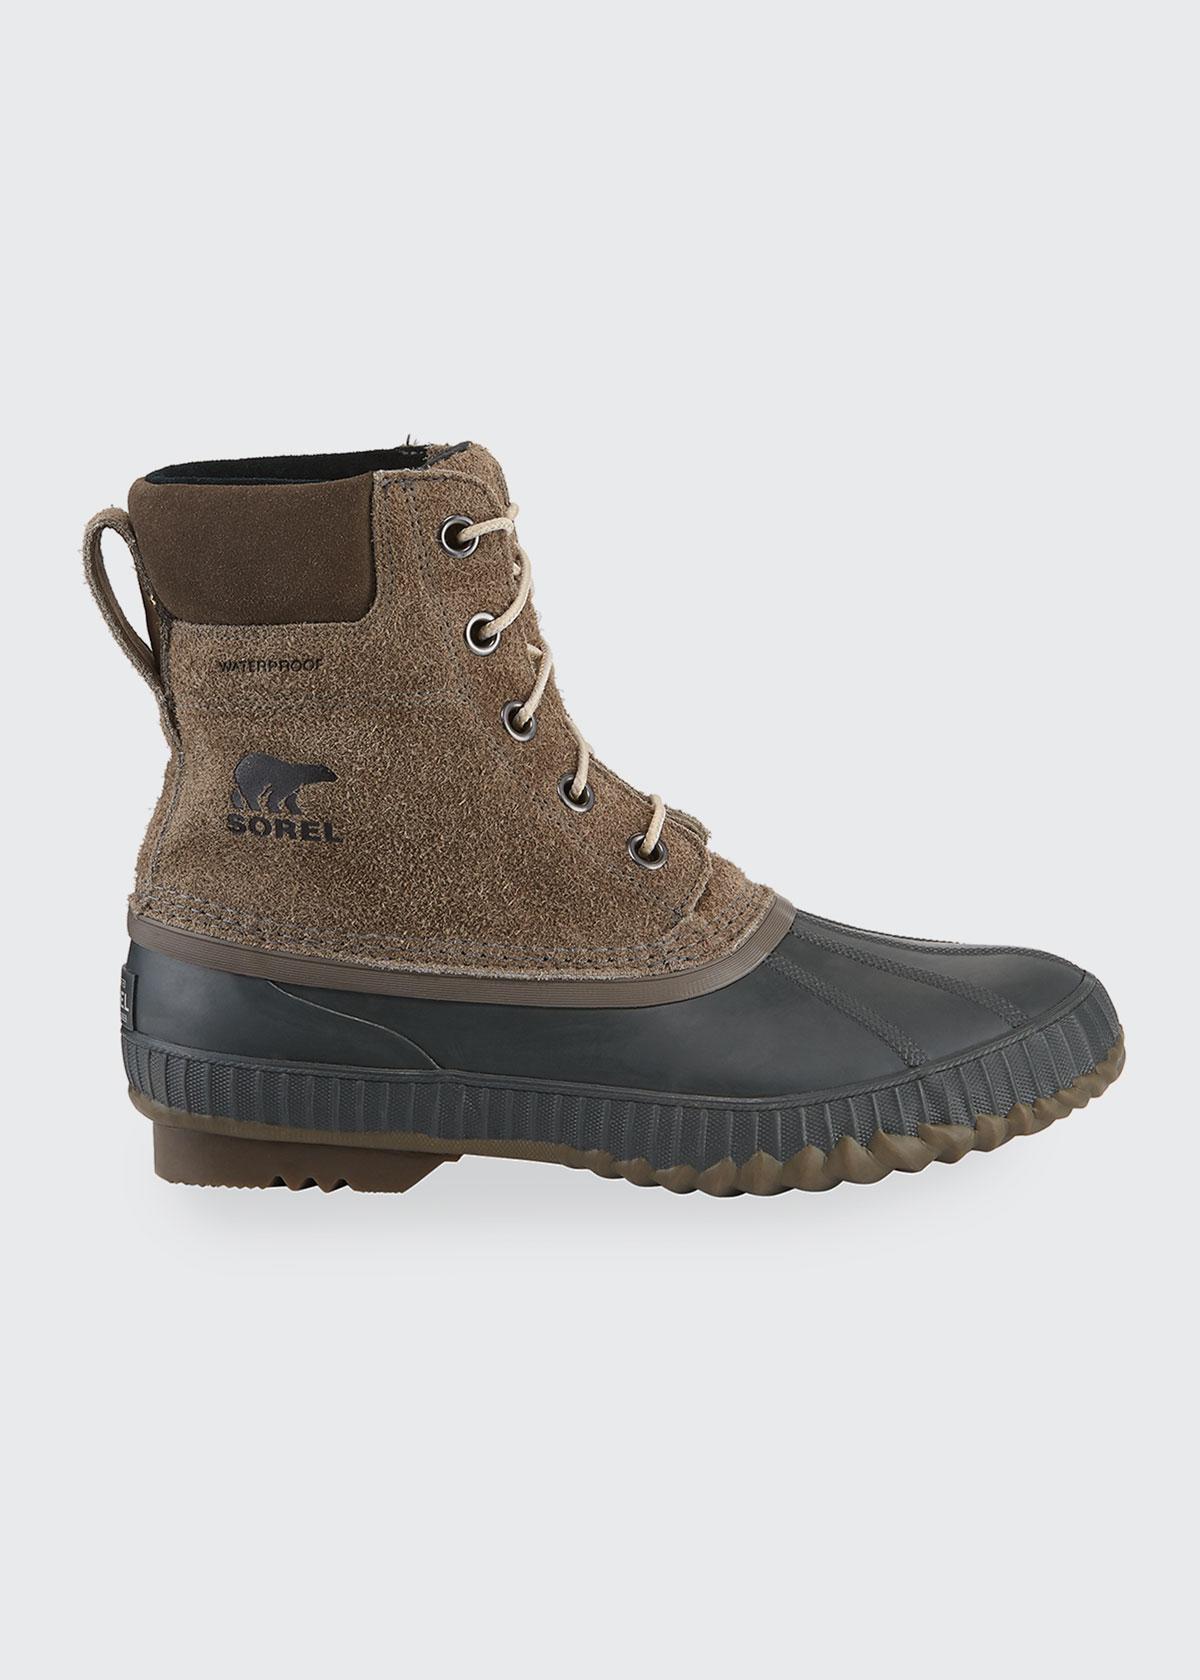 Sorel Boots MEN'S CHEYANNE II WATERPROOF SUEDE DUCK BOOTS